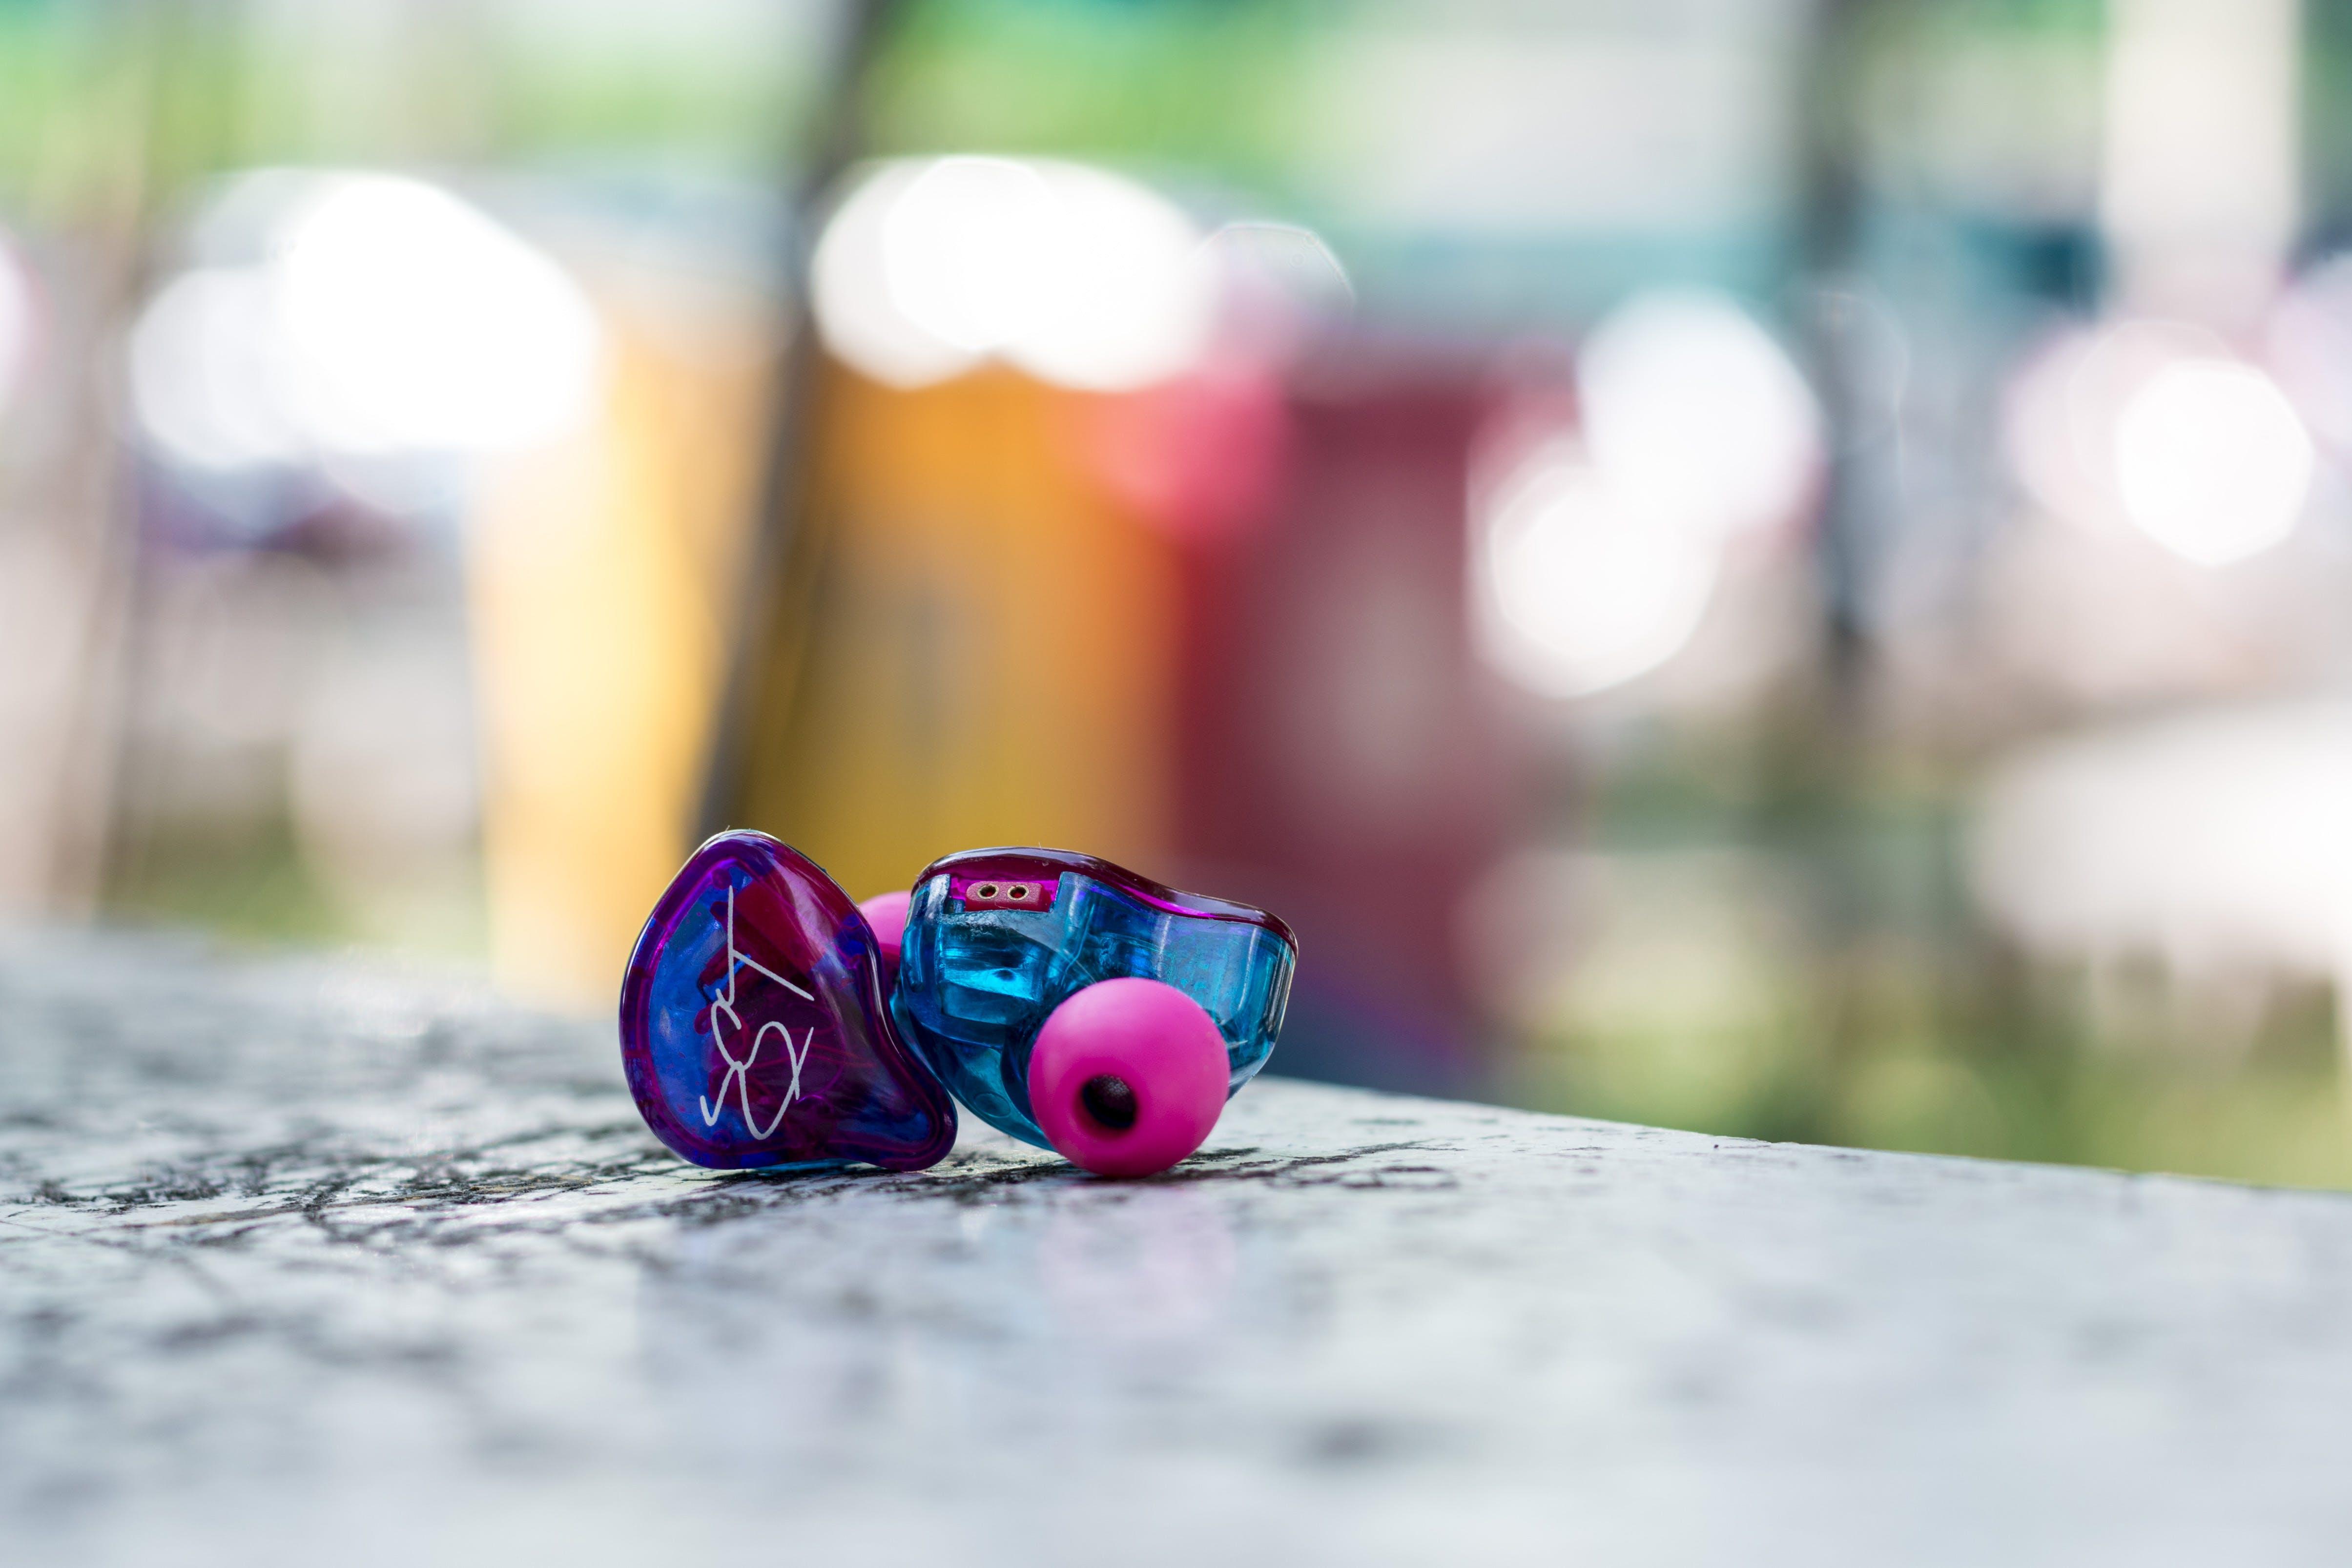 Free stock photo of headphones